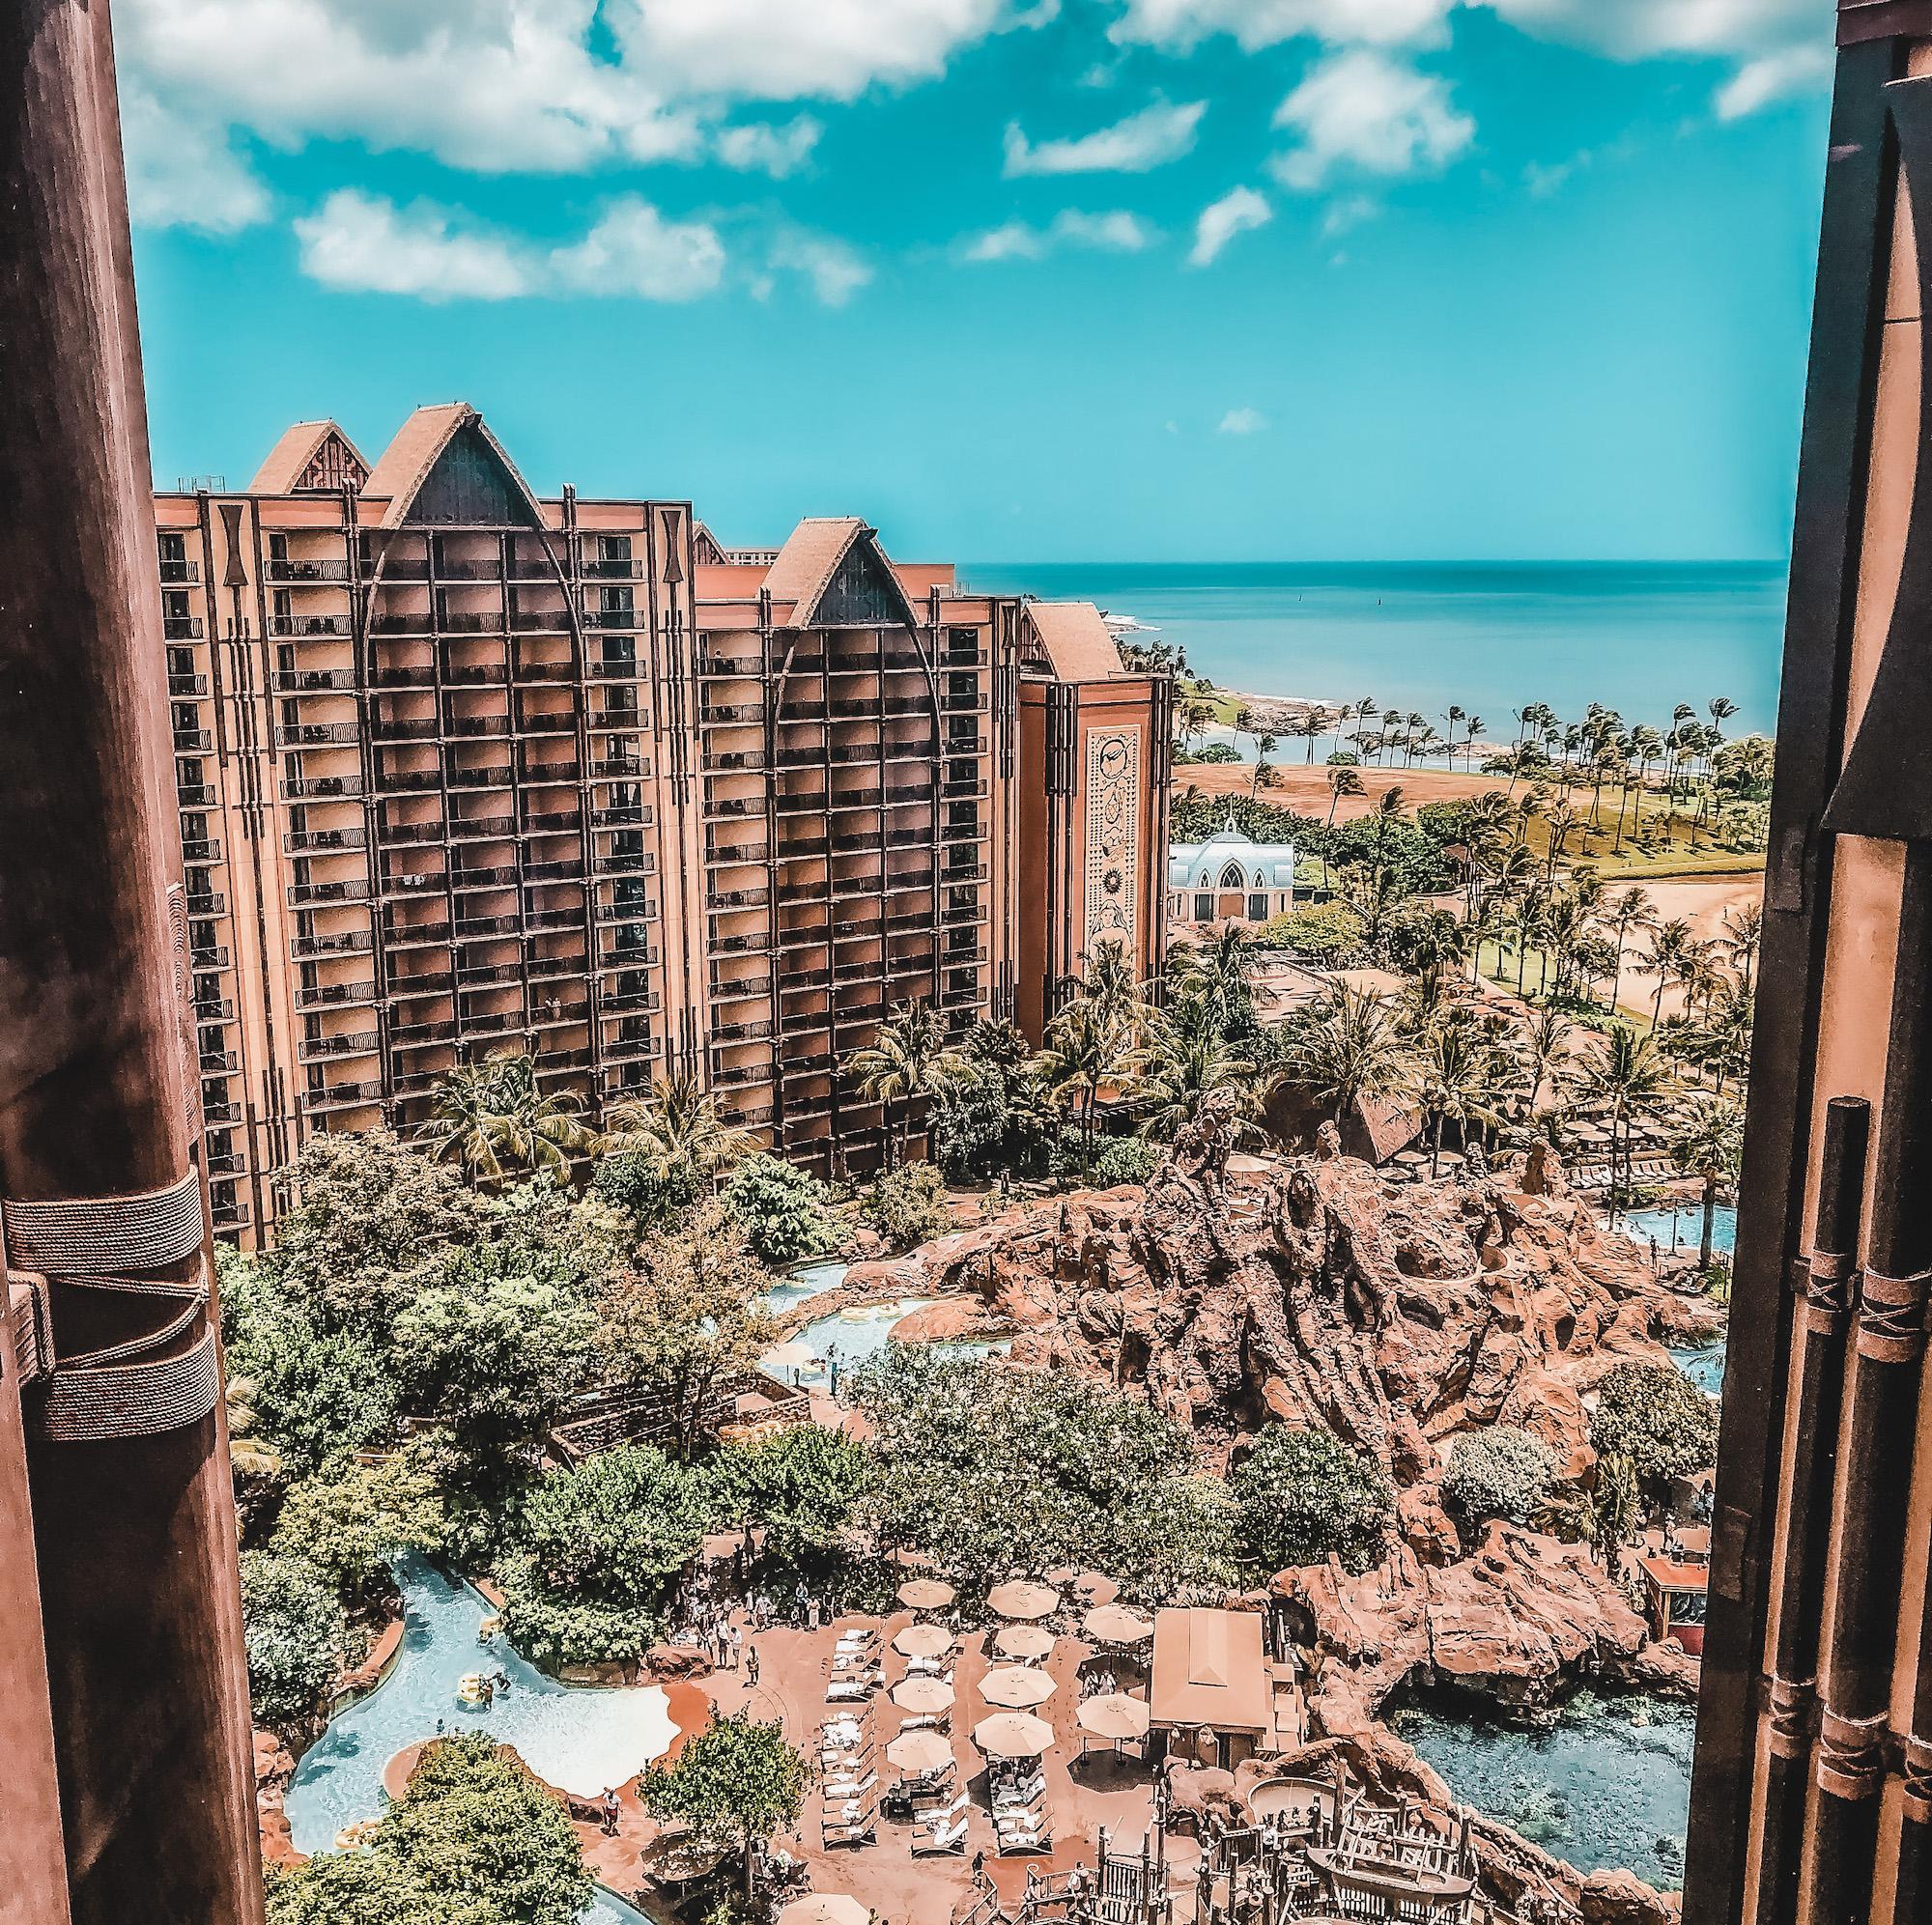 Spinatmädchen - Der Disney Blog: Urlaub in Aulani, a Disney Resort and Spa auf Hawaii